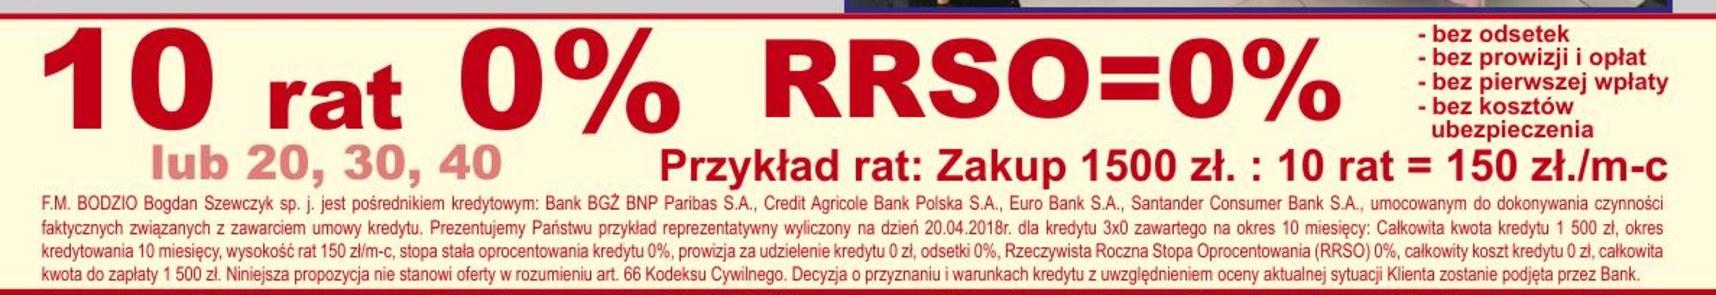 Gazetka promocyjna Bodzio, ważna od 01.07.2018 do 31.08.2018.